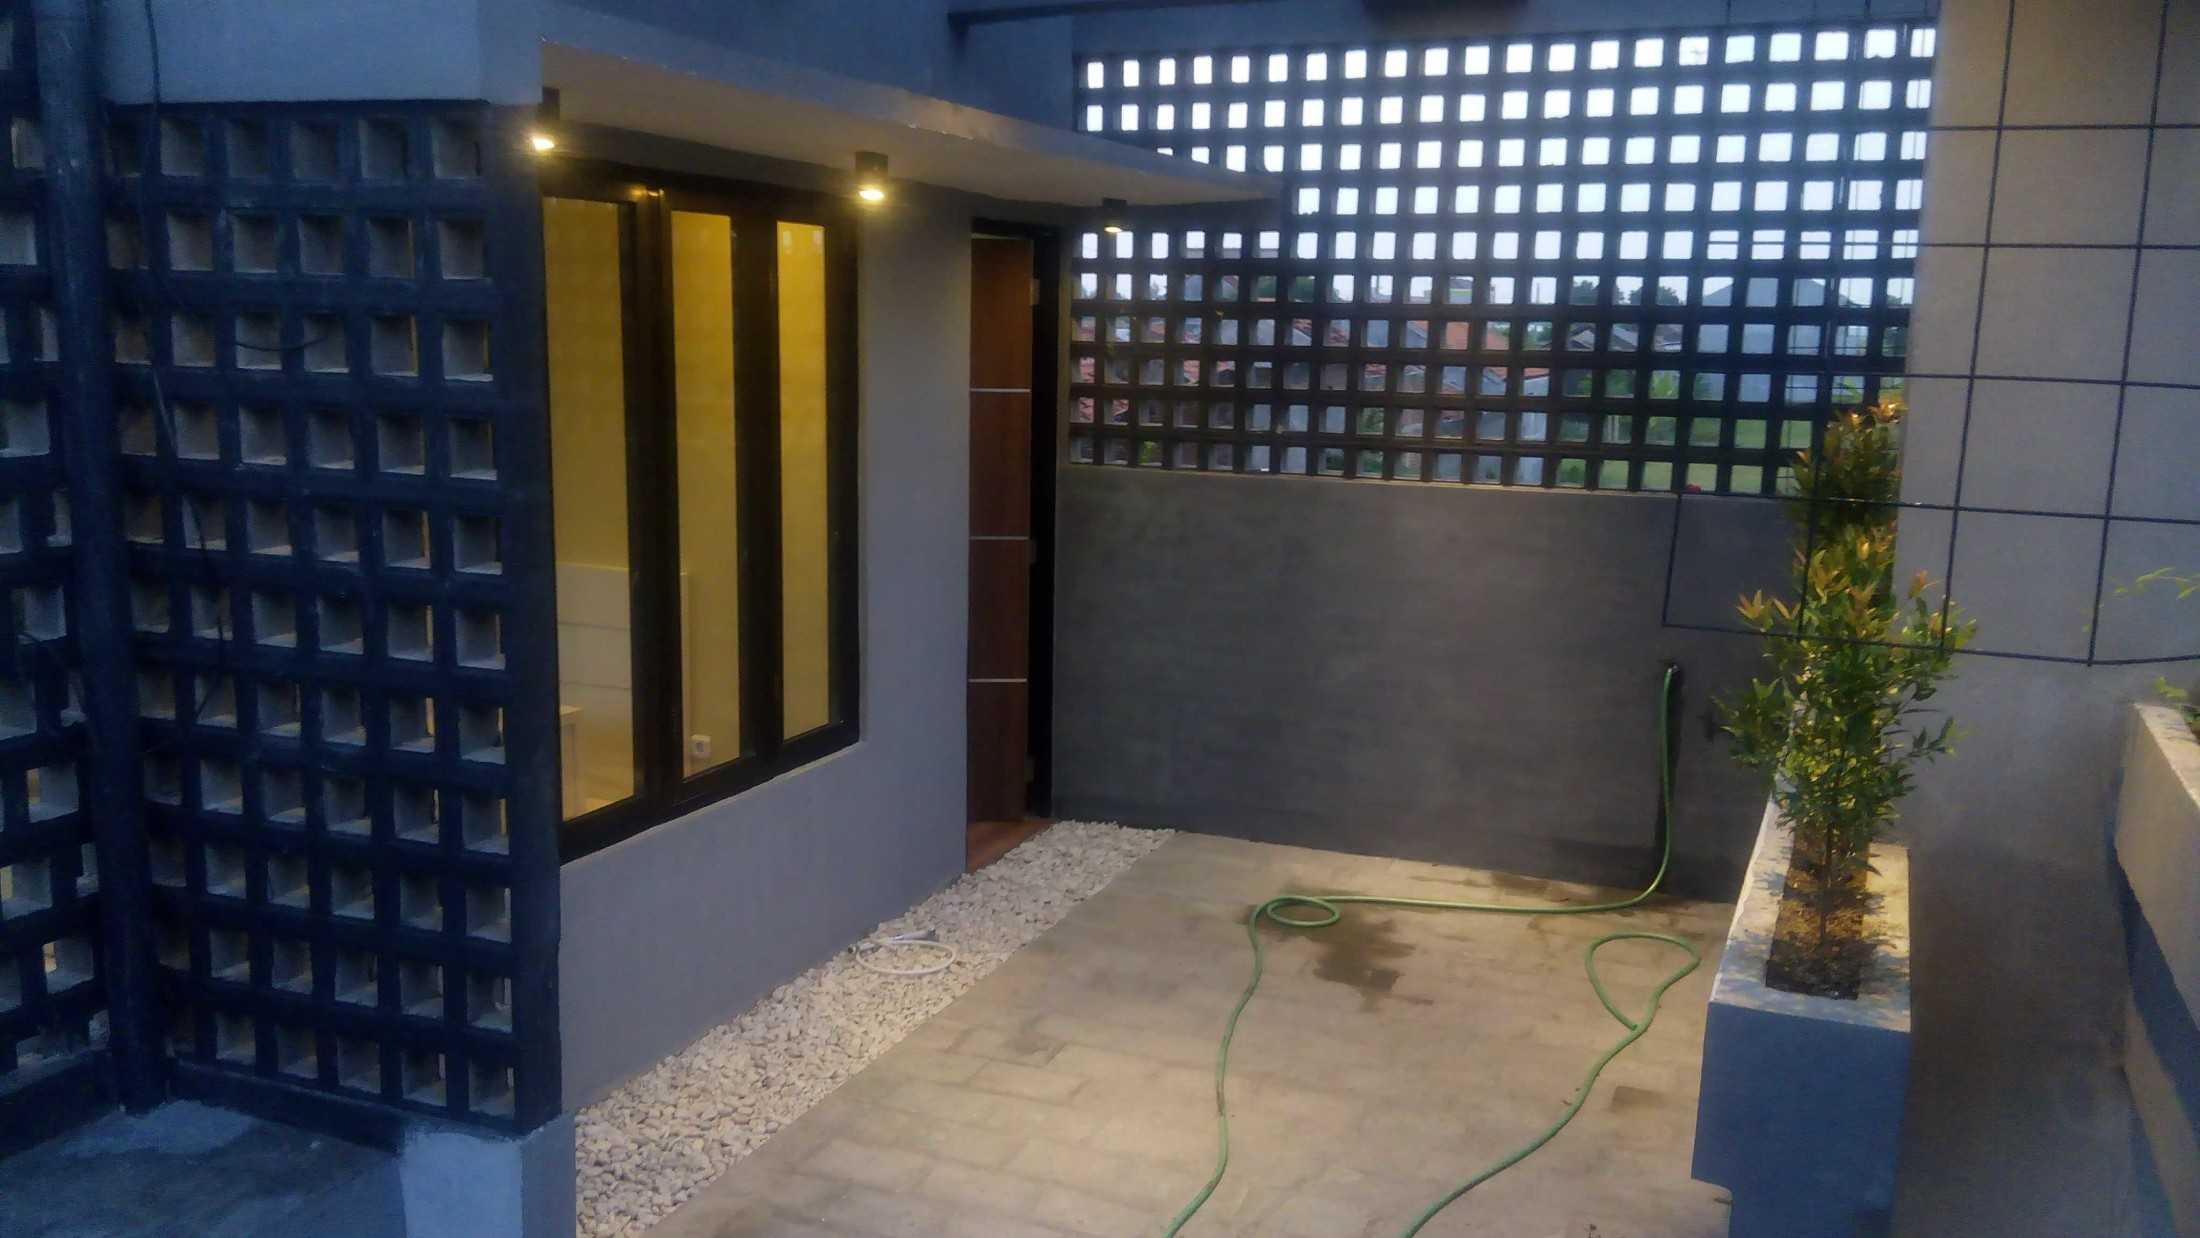 Astabumi Studio Omah Taman Singgah Tegal Tegal, Kota Tegal, Jawa Tengah, Indonesia Tegal, Kota Tegal, Jawa Tengah, Indonesia Astabumi-Architect-Interior-Design-Omah-Taman-Singgah-Tegal  84035